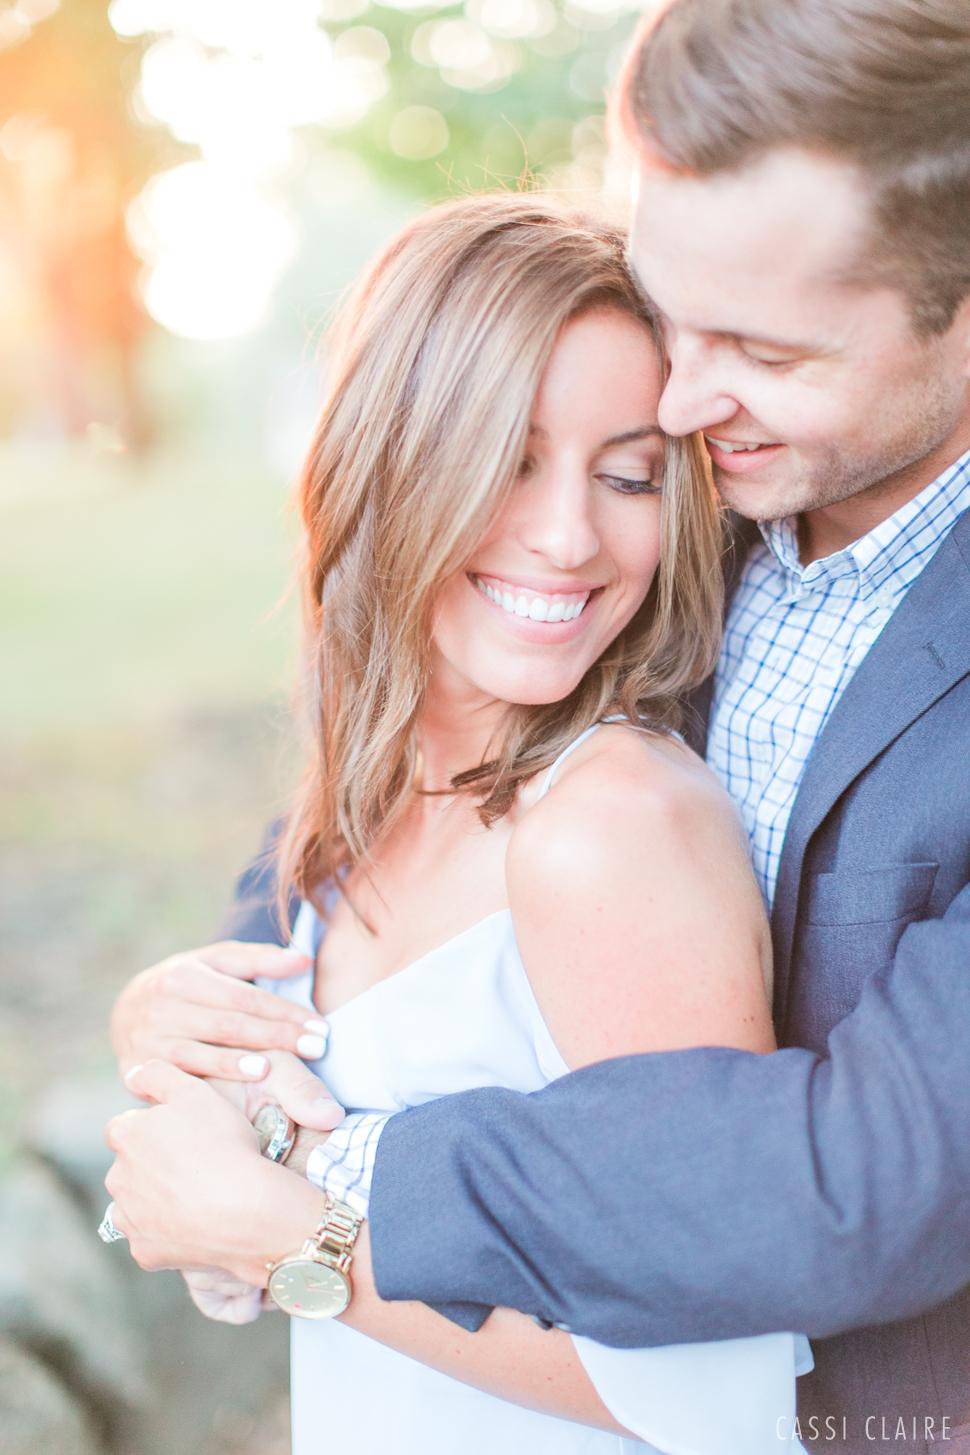 NJ-Engagement-Photos_Cassi-Claire_52.jpg